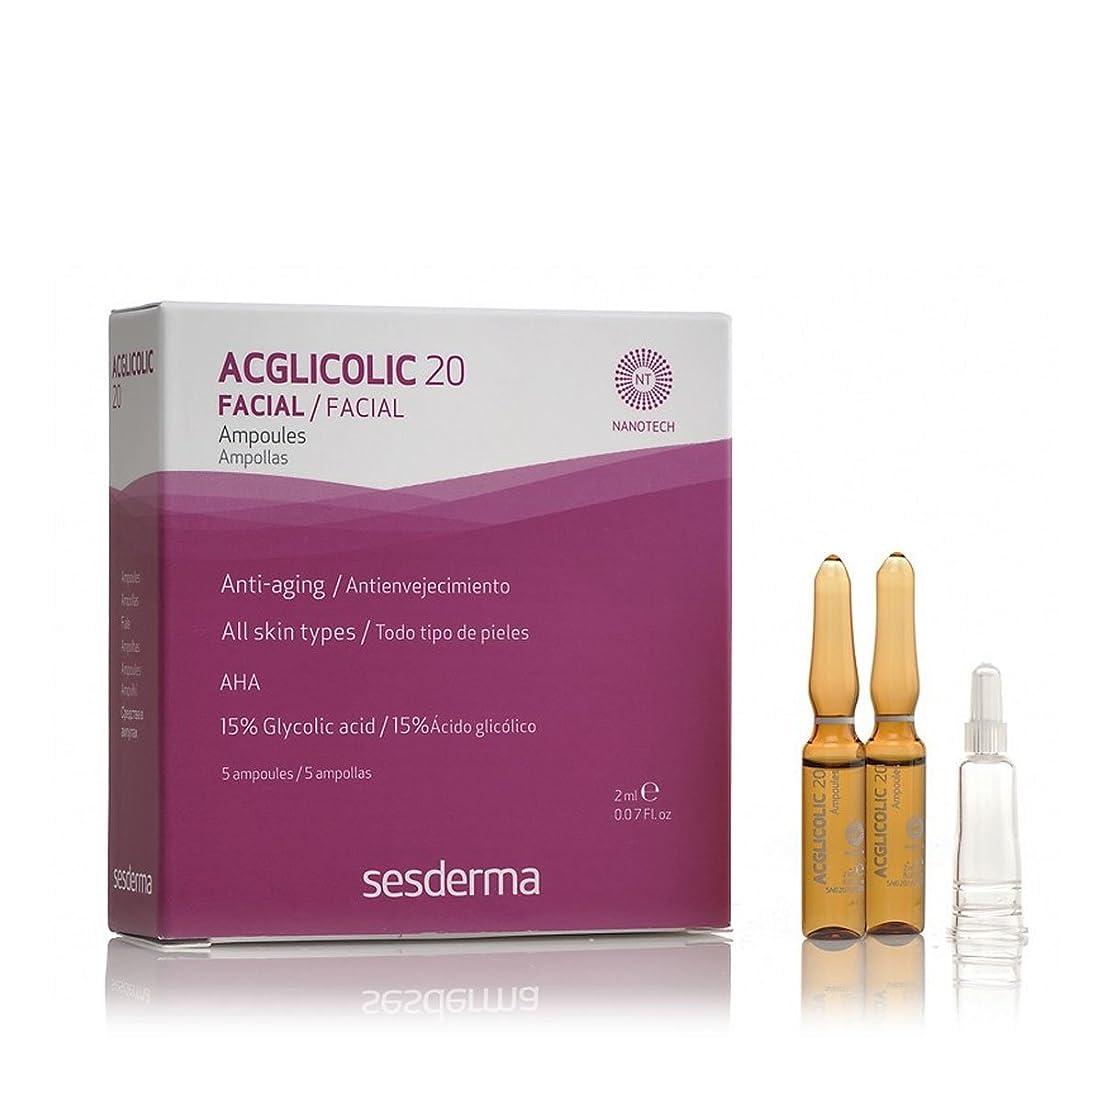 ツーリストミントミントSesderma Acglicolic 20 Ampoules 5x2ml [並行輸入品]